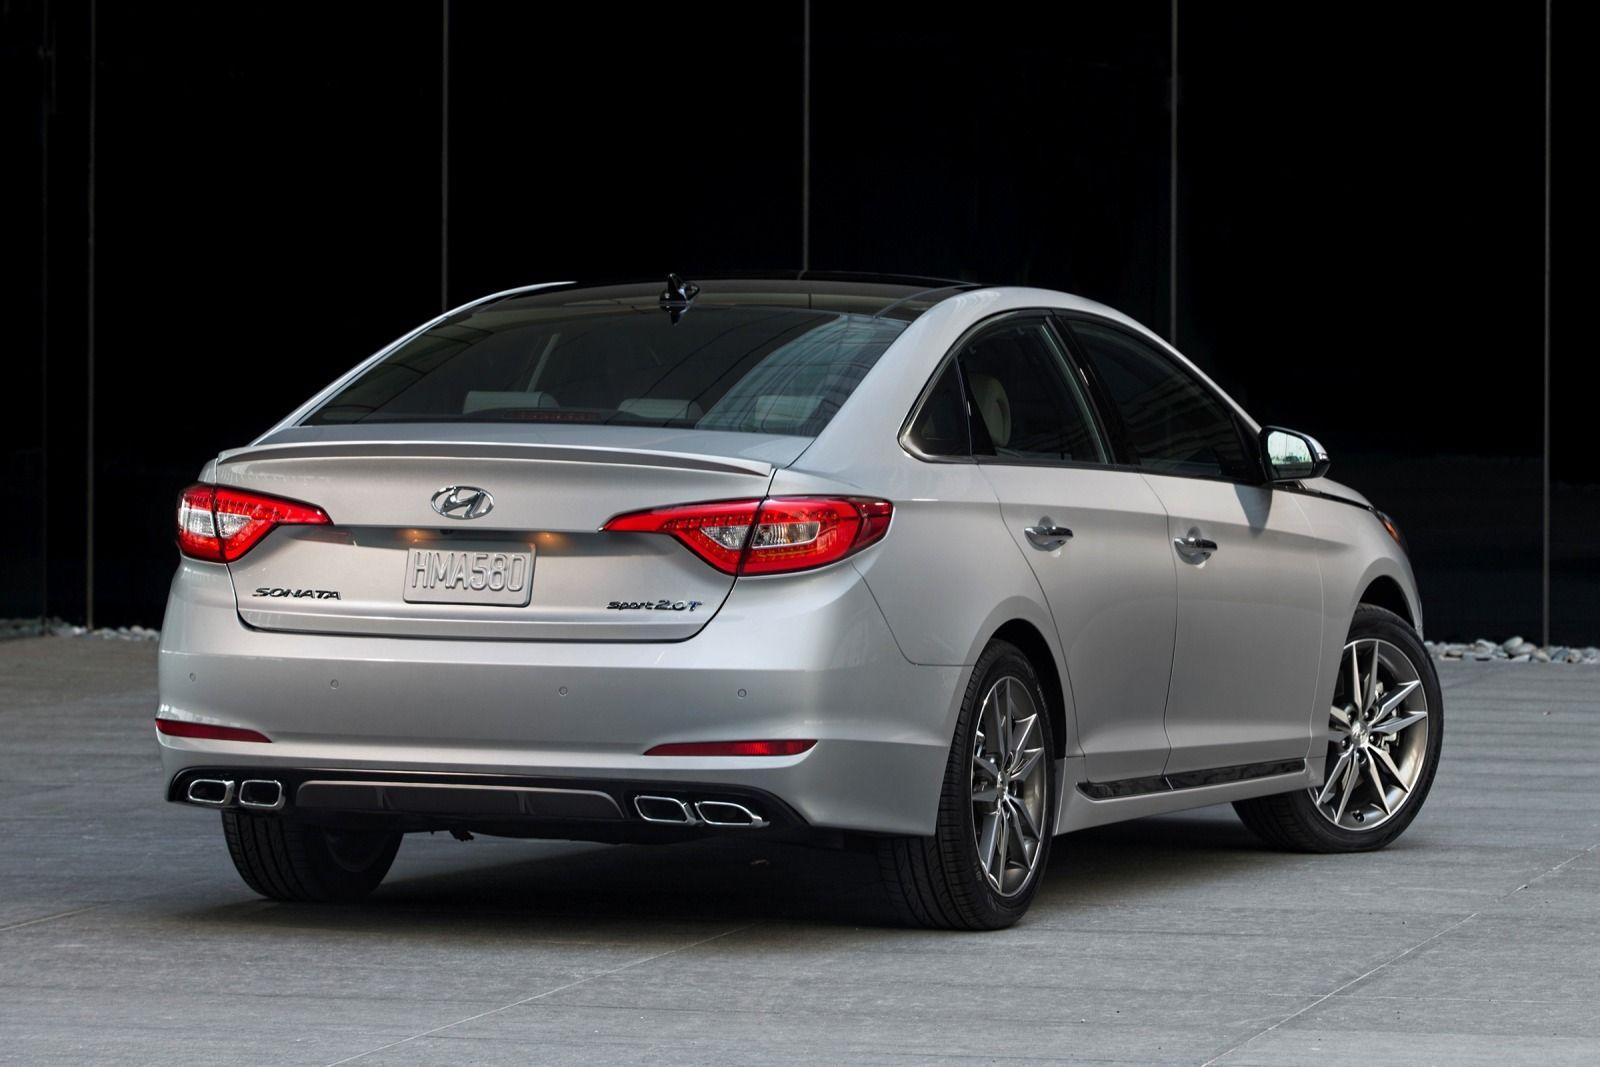 Hyundai Sonata cung cấp ba tùy chọn động cơ